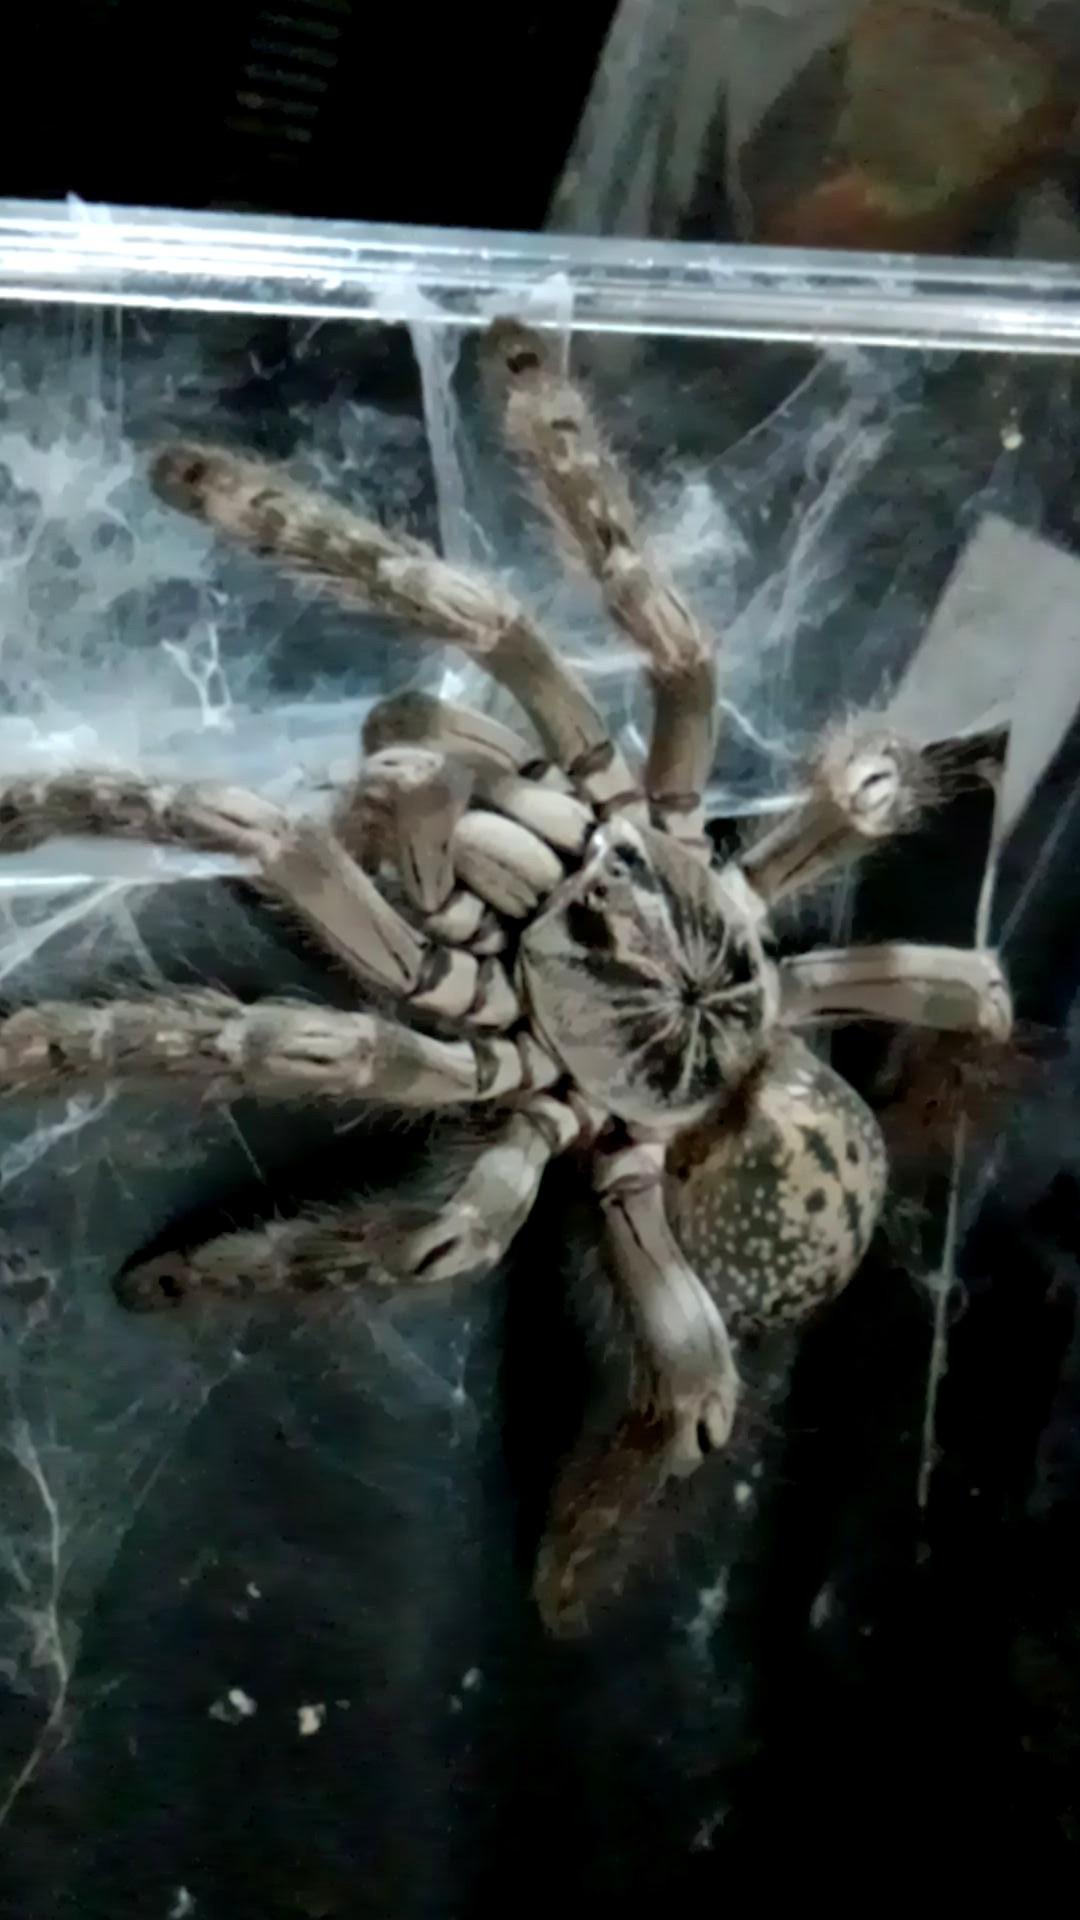 ペット「白黒土蜘蛛」_b0362459_12565064.jpg